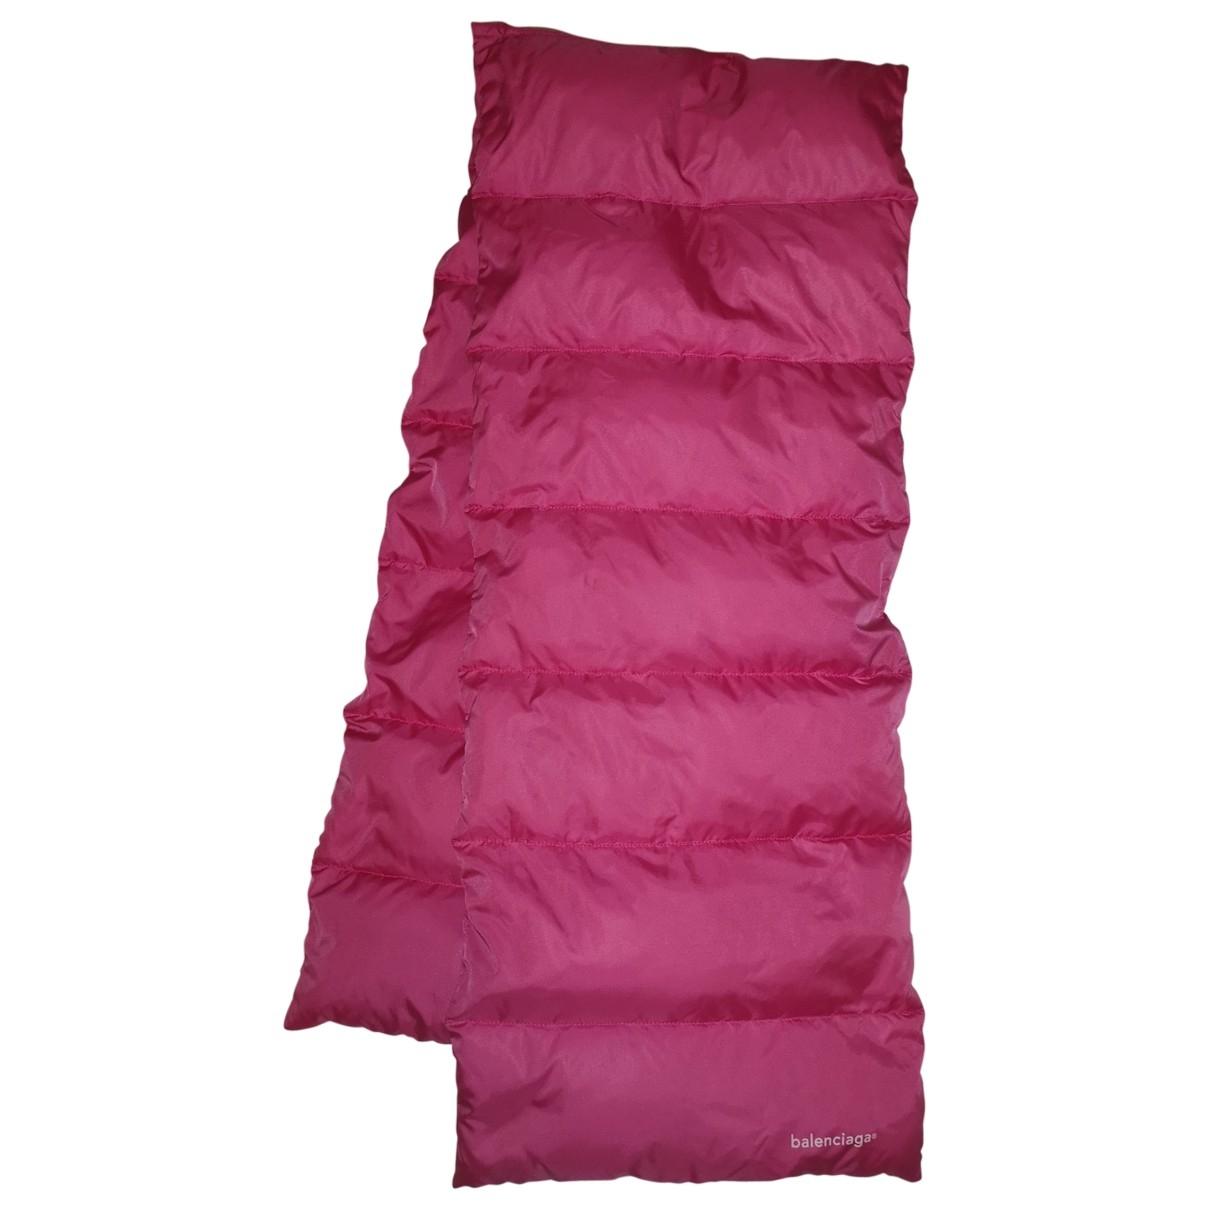 Balenciaga \N Pink scarf for Women \N